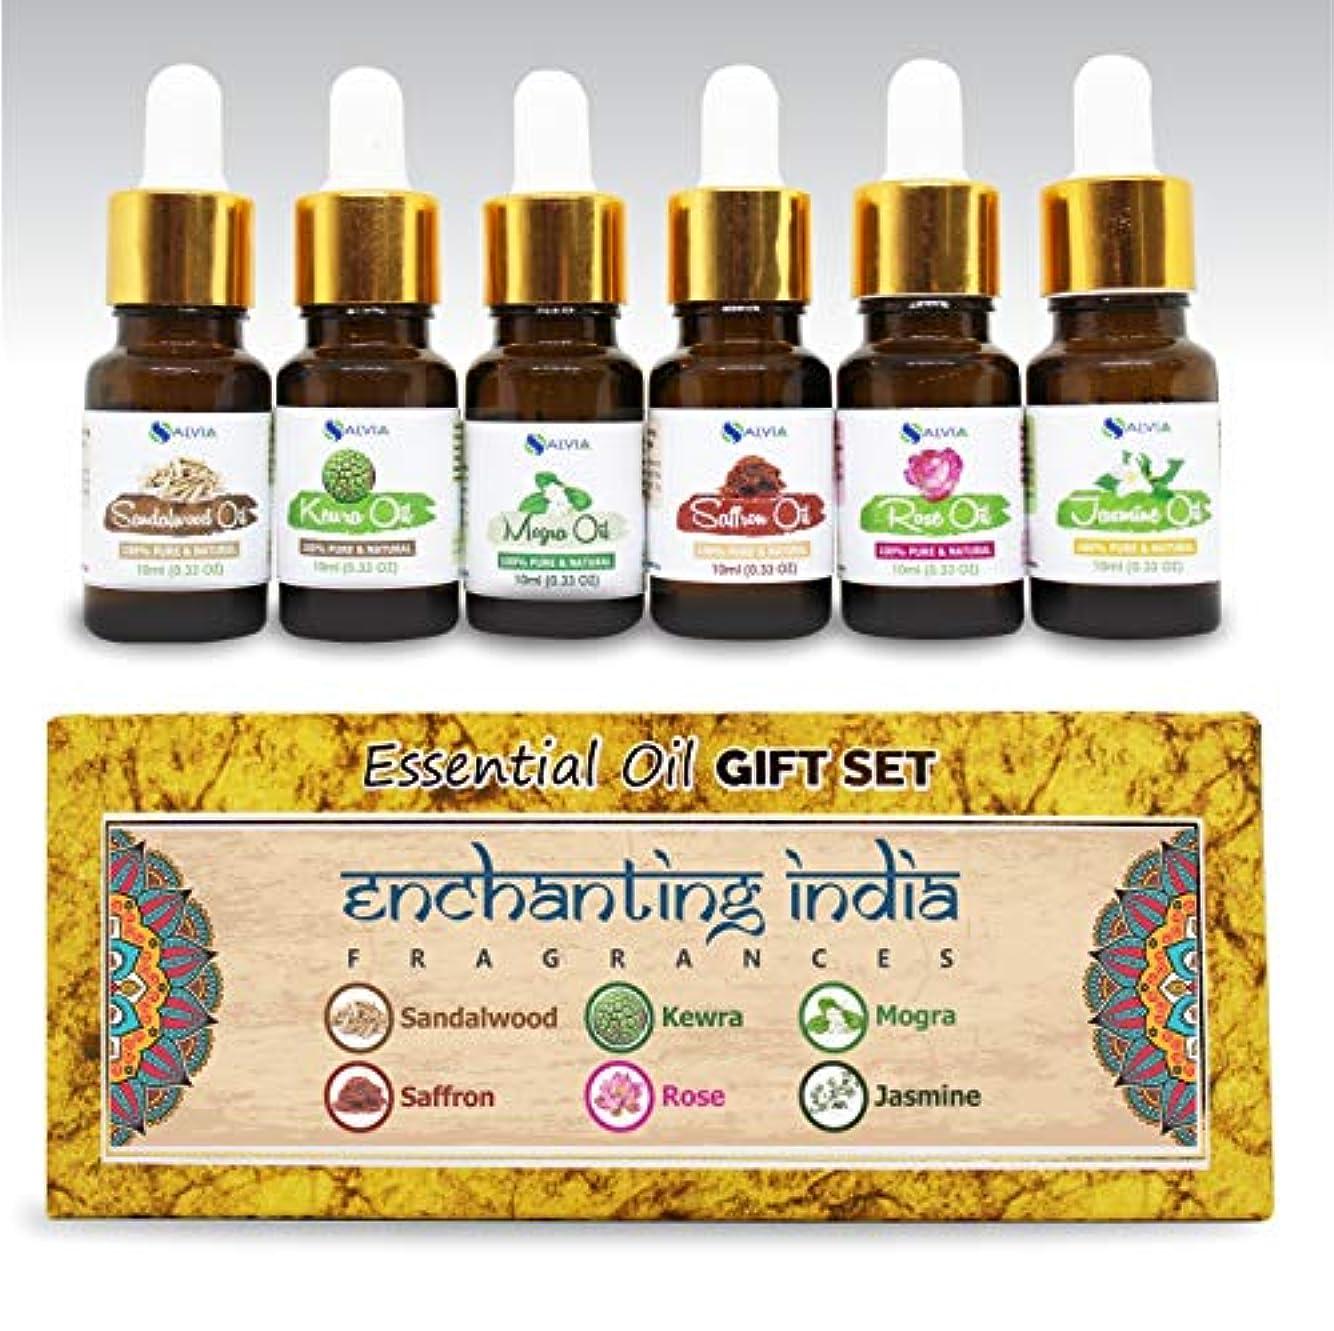 擁するラリーベルモントスプーンAromatherapy Essential Oils - Pack of 6 100% Pure & Natural Therapeutic Oils - 10 ML each (Sandalwood, Rose, Saffron, Kewra, Mogra, Jasmine) Enchanting India Set